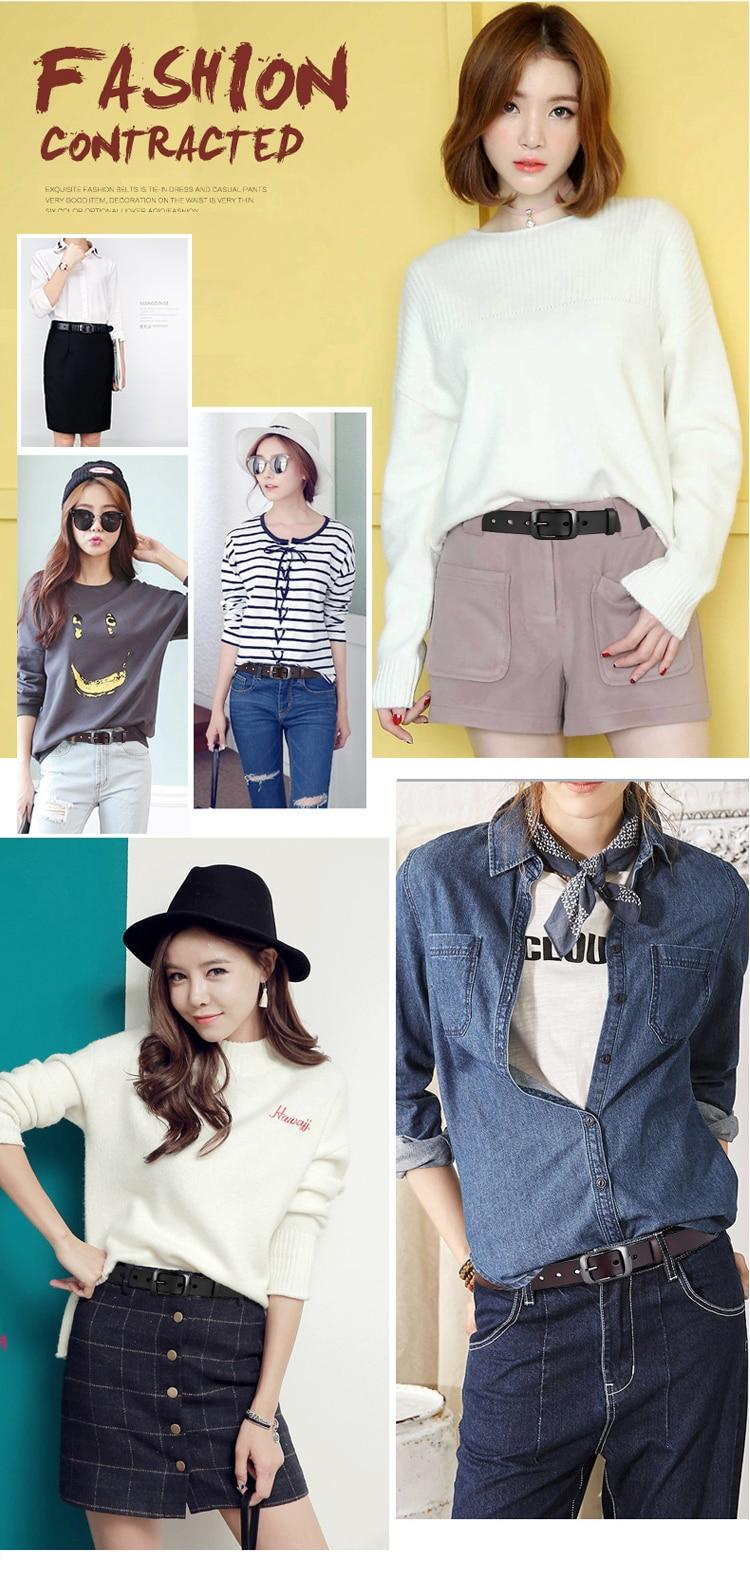 JIFANPAUL, натуральная кожа, женская мода, Ретро стиль, панк, ремень, пряжка, высокое качество, для девушек, бизнес, Повседневный, сплав, тренд, джинсов